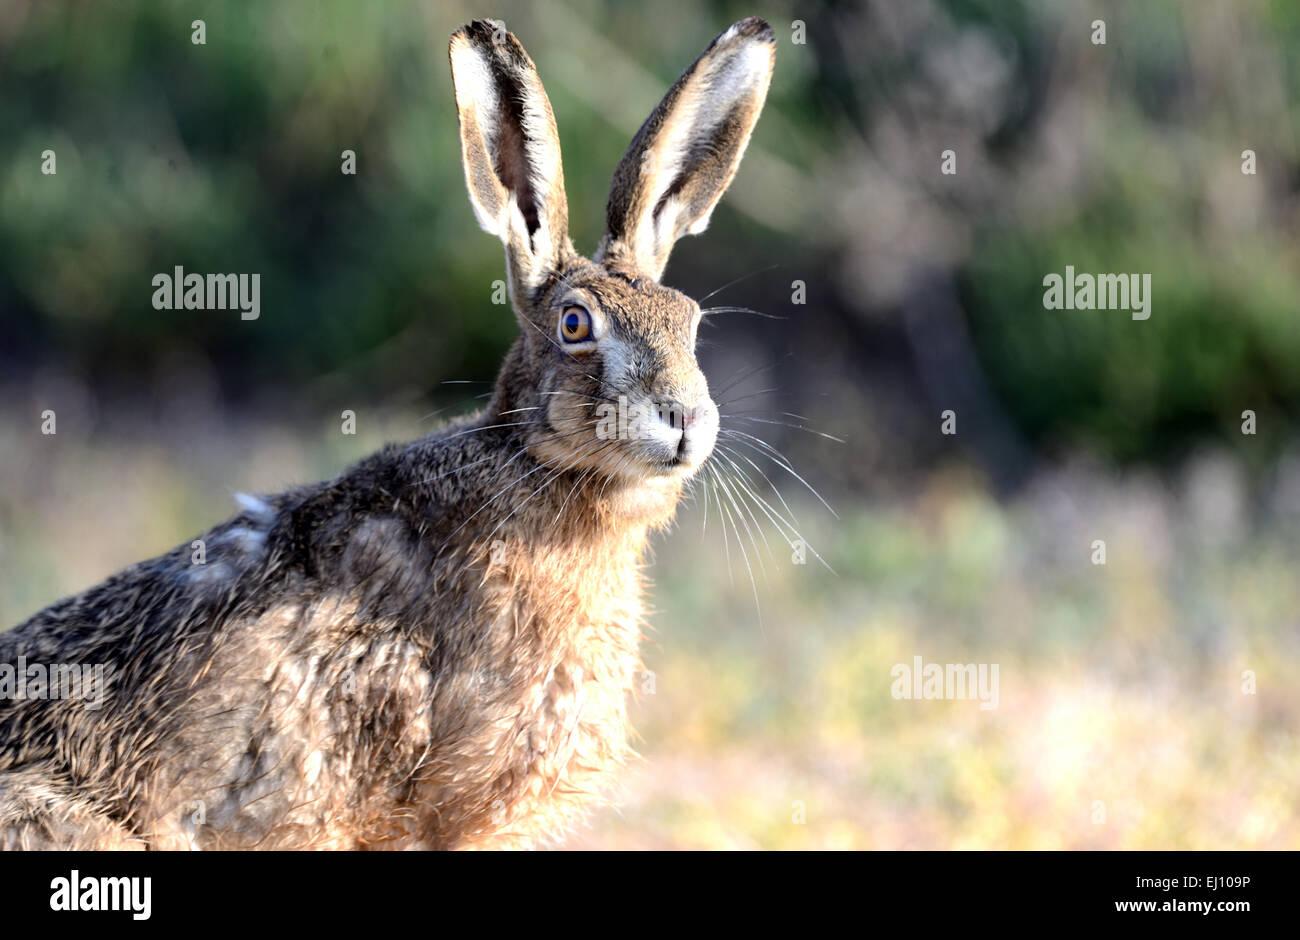 Liebre, conejo, Lepus europaeus Pallas, campo de liebre, de la naturaleza, roedores, animales salvajes, juego, animal, Imagen De Stock